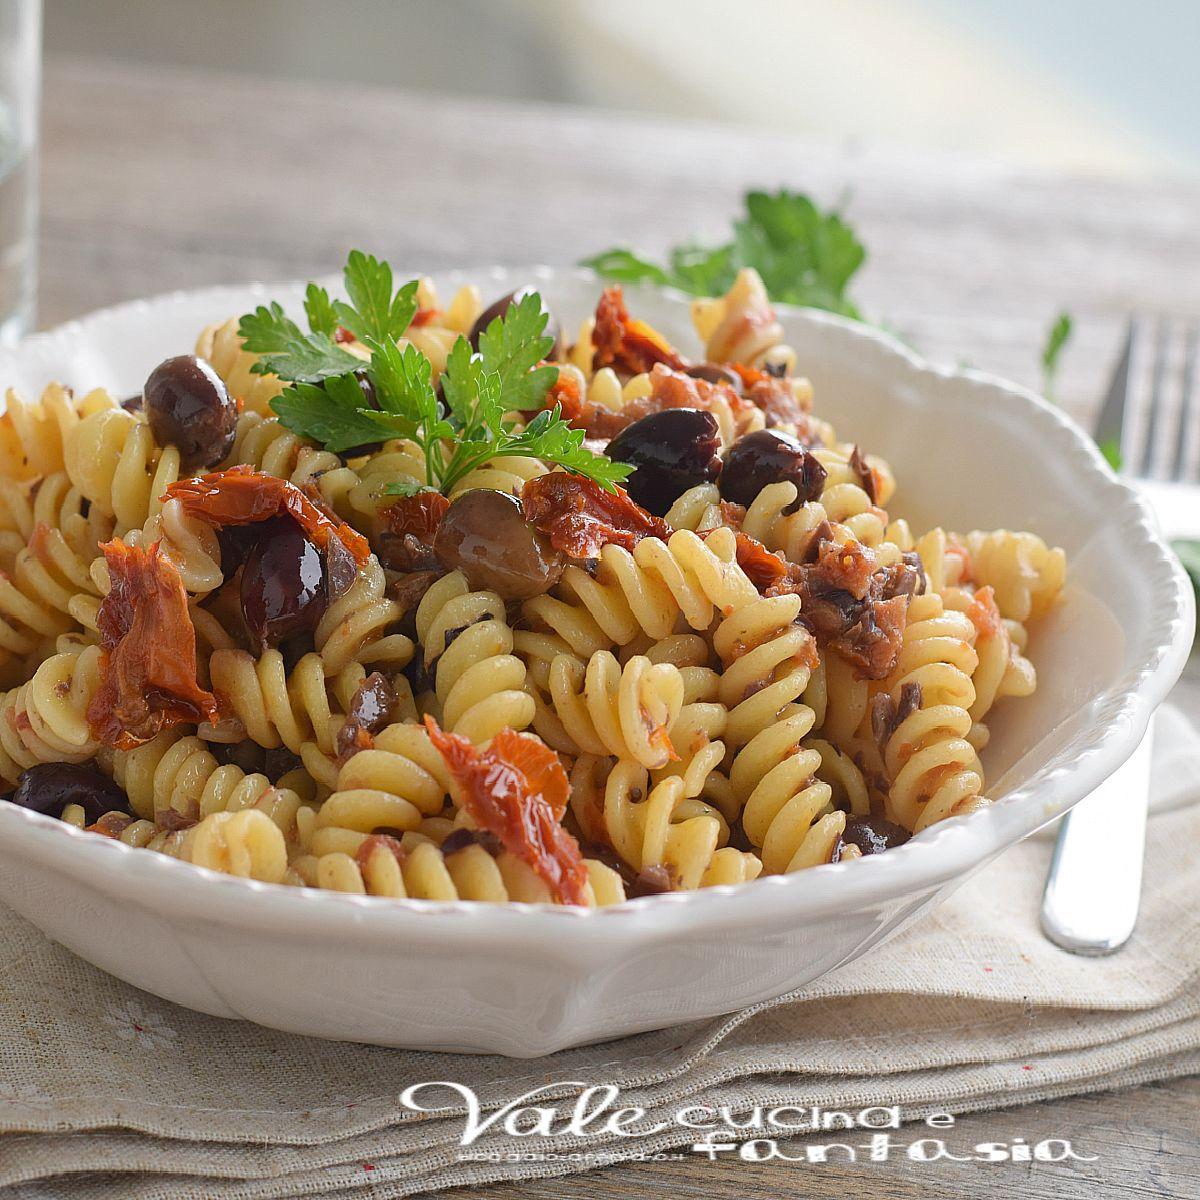 b10f275610730269cfbde543263e544e - Ricette Con Pomodori Secchi